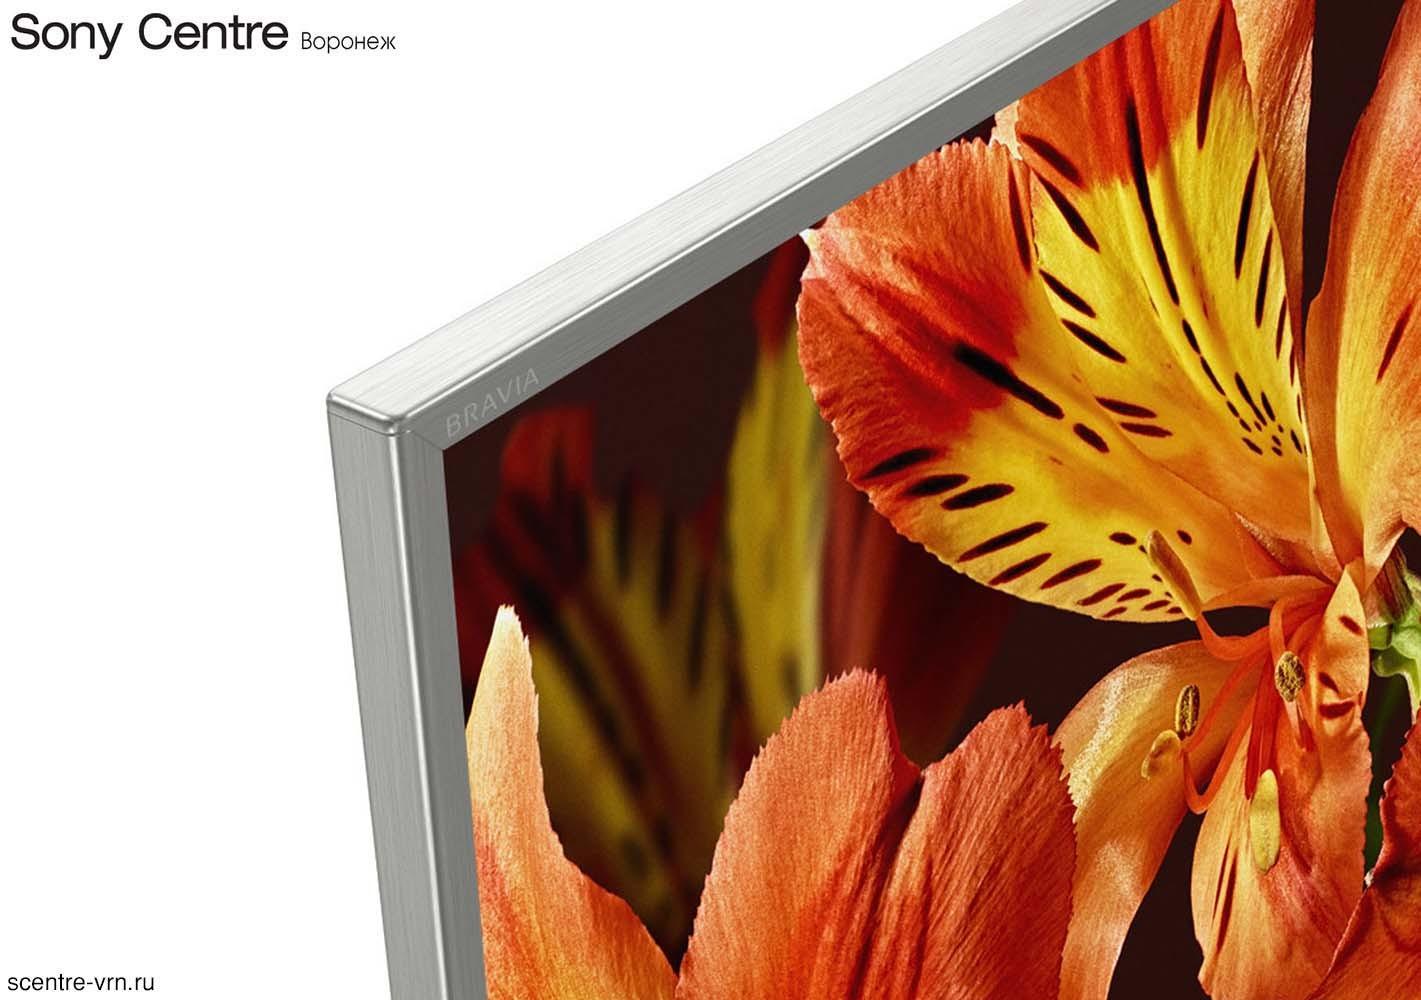 Купить Sony KD-49XF8577 серебристый в Sony Centre Воронеж